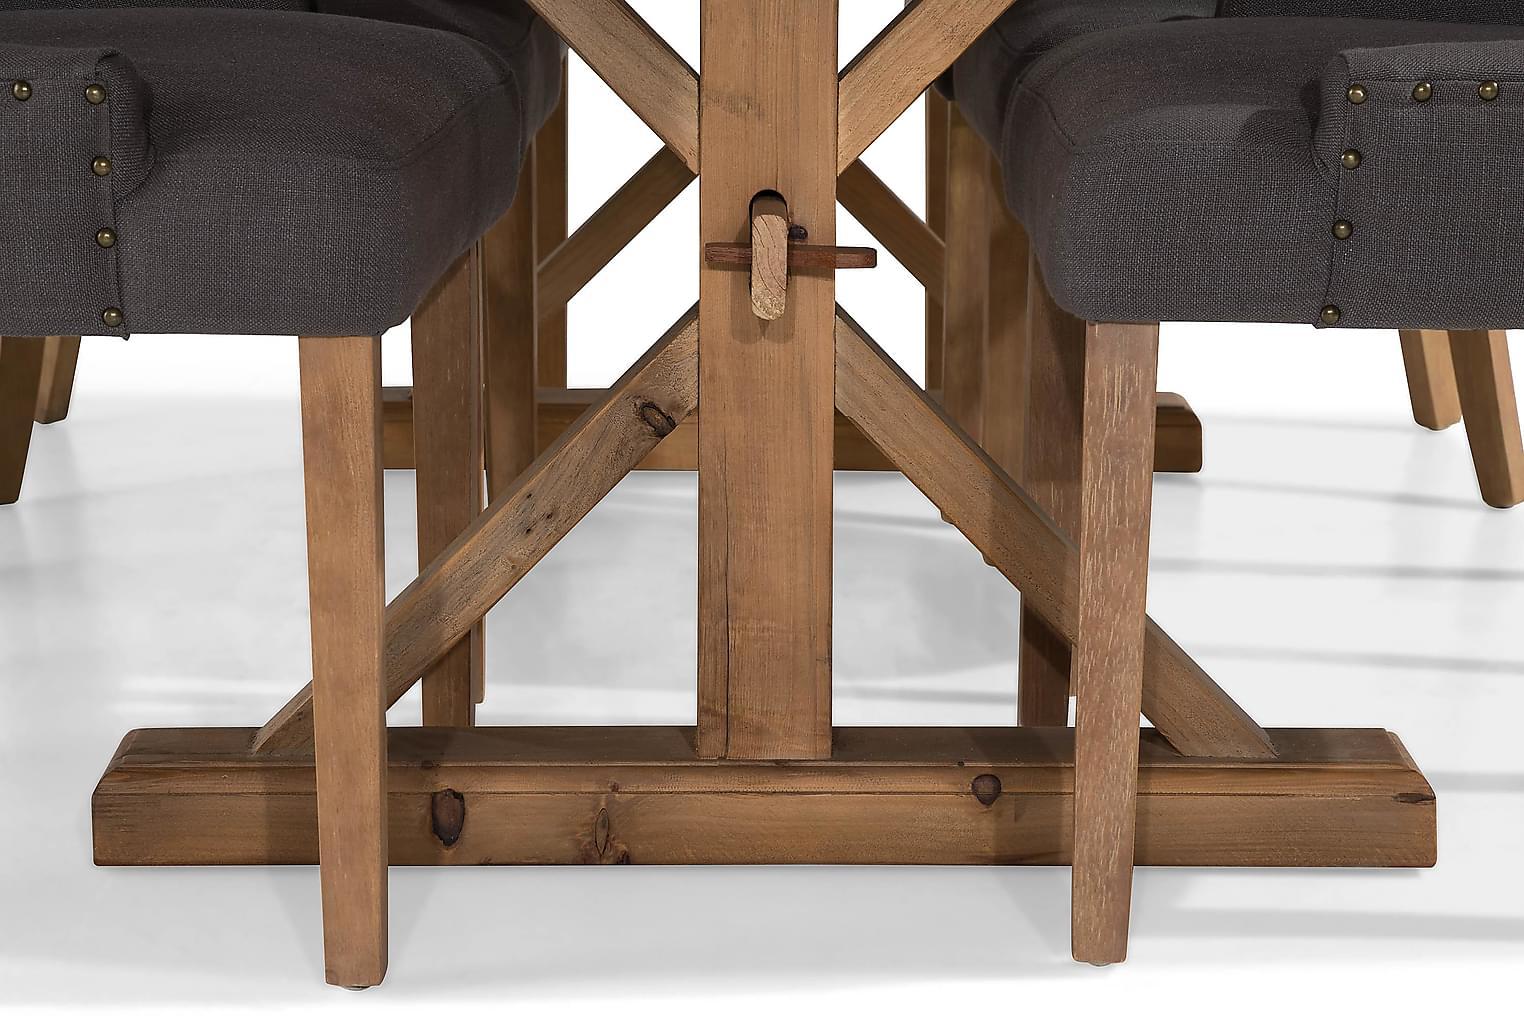 LIRE Pöytä 200 Luonnonväri + 6 COLFAX tuolia Harm/Luonnonv